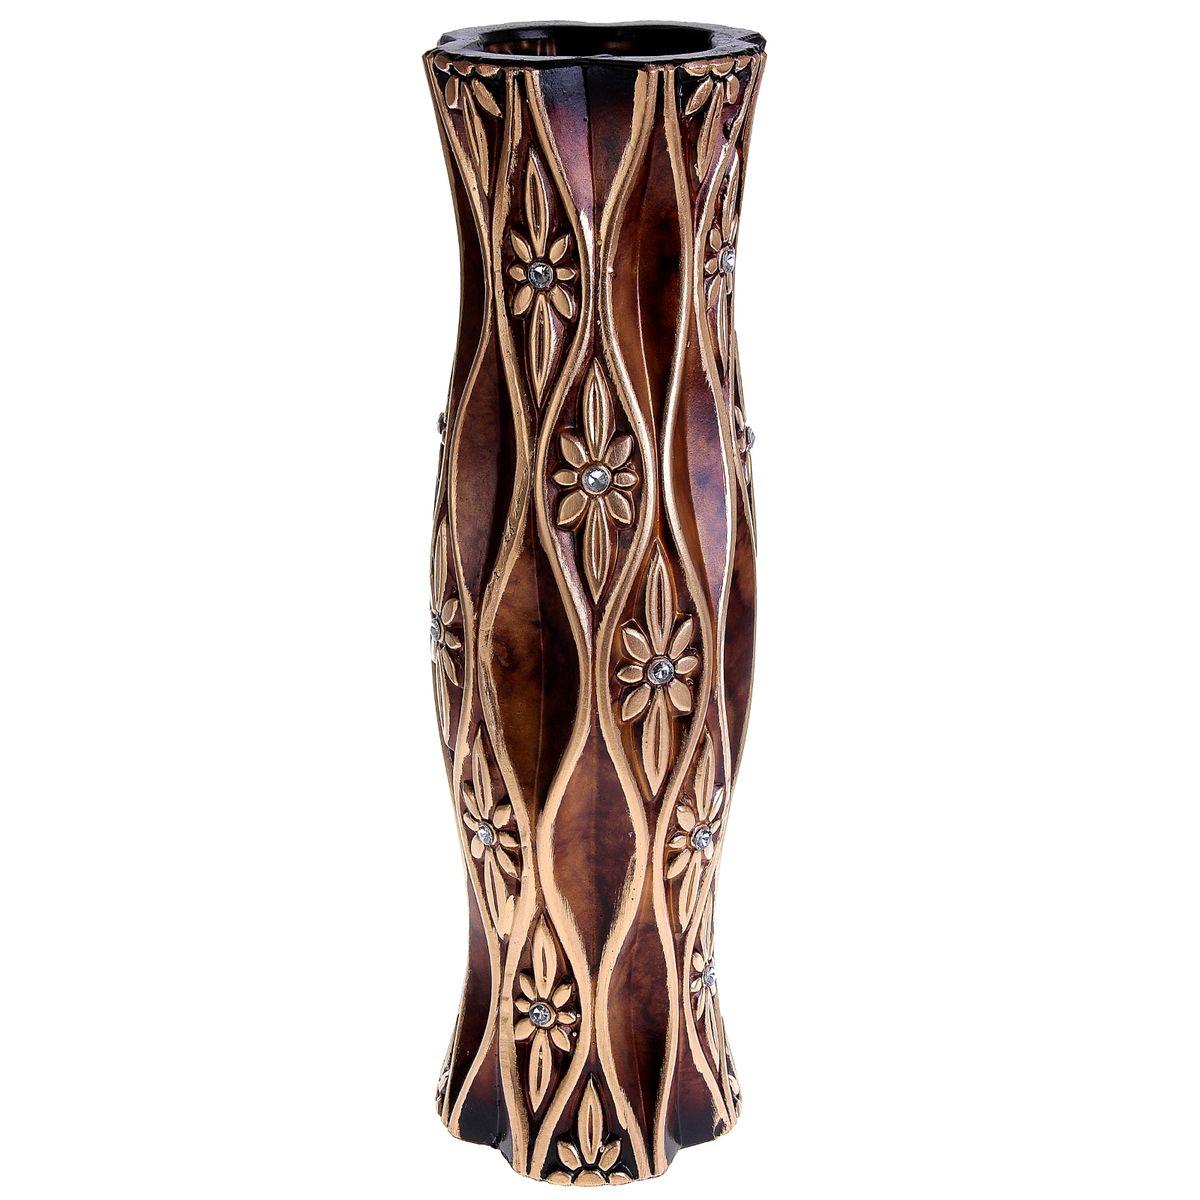 Ваза напольная Цветочный хрусталь, цвет: коричневый, золотистый, высота 60 см. 913554913554Керамика